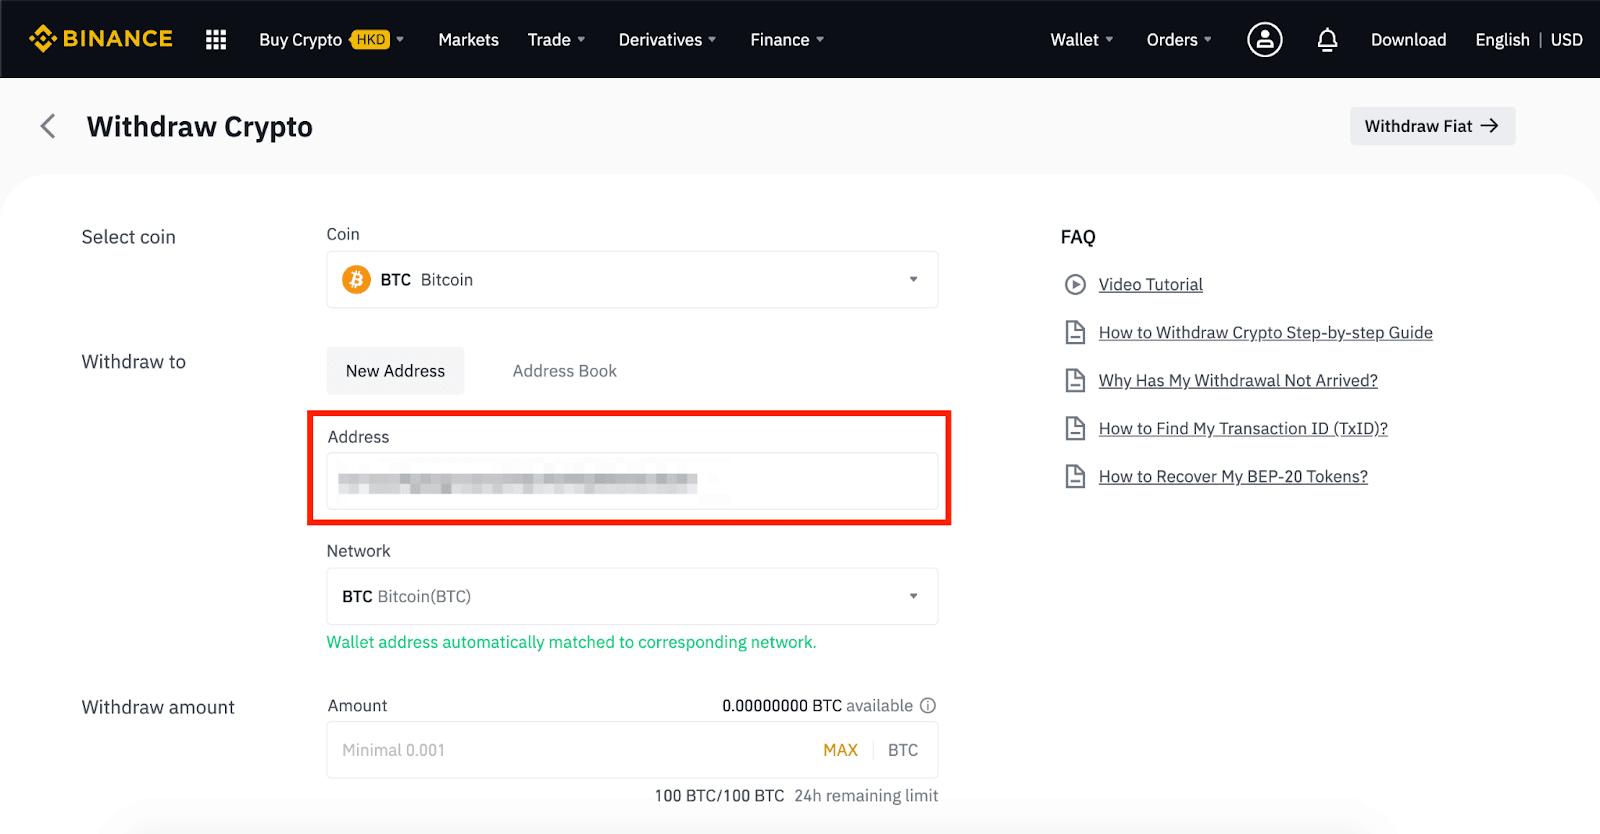 come il commercio con bitcoin sul binance